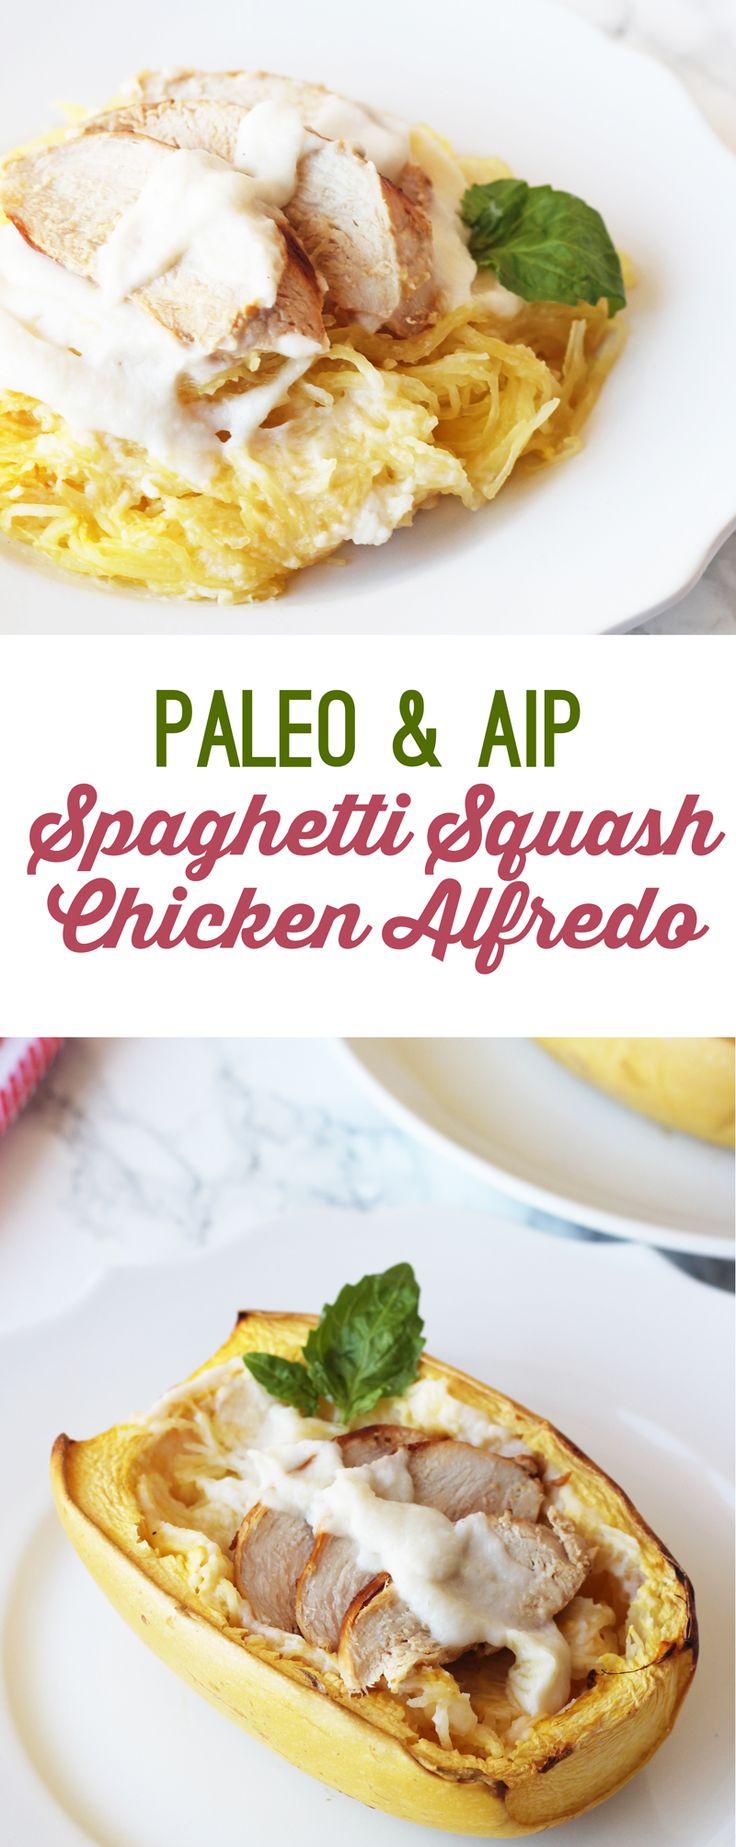 What is Autoimmune Paleo or AIP Diet?